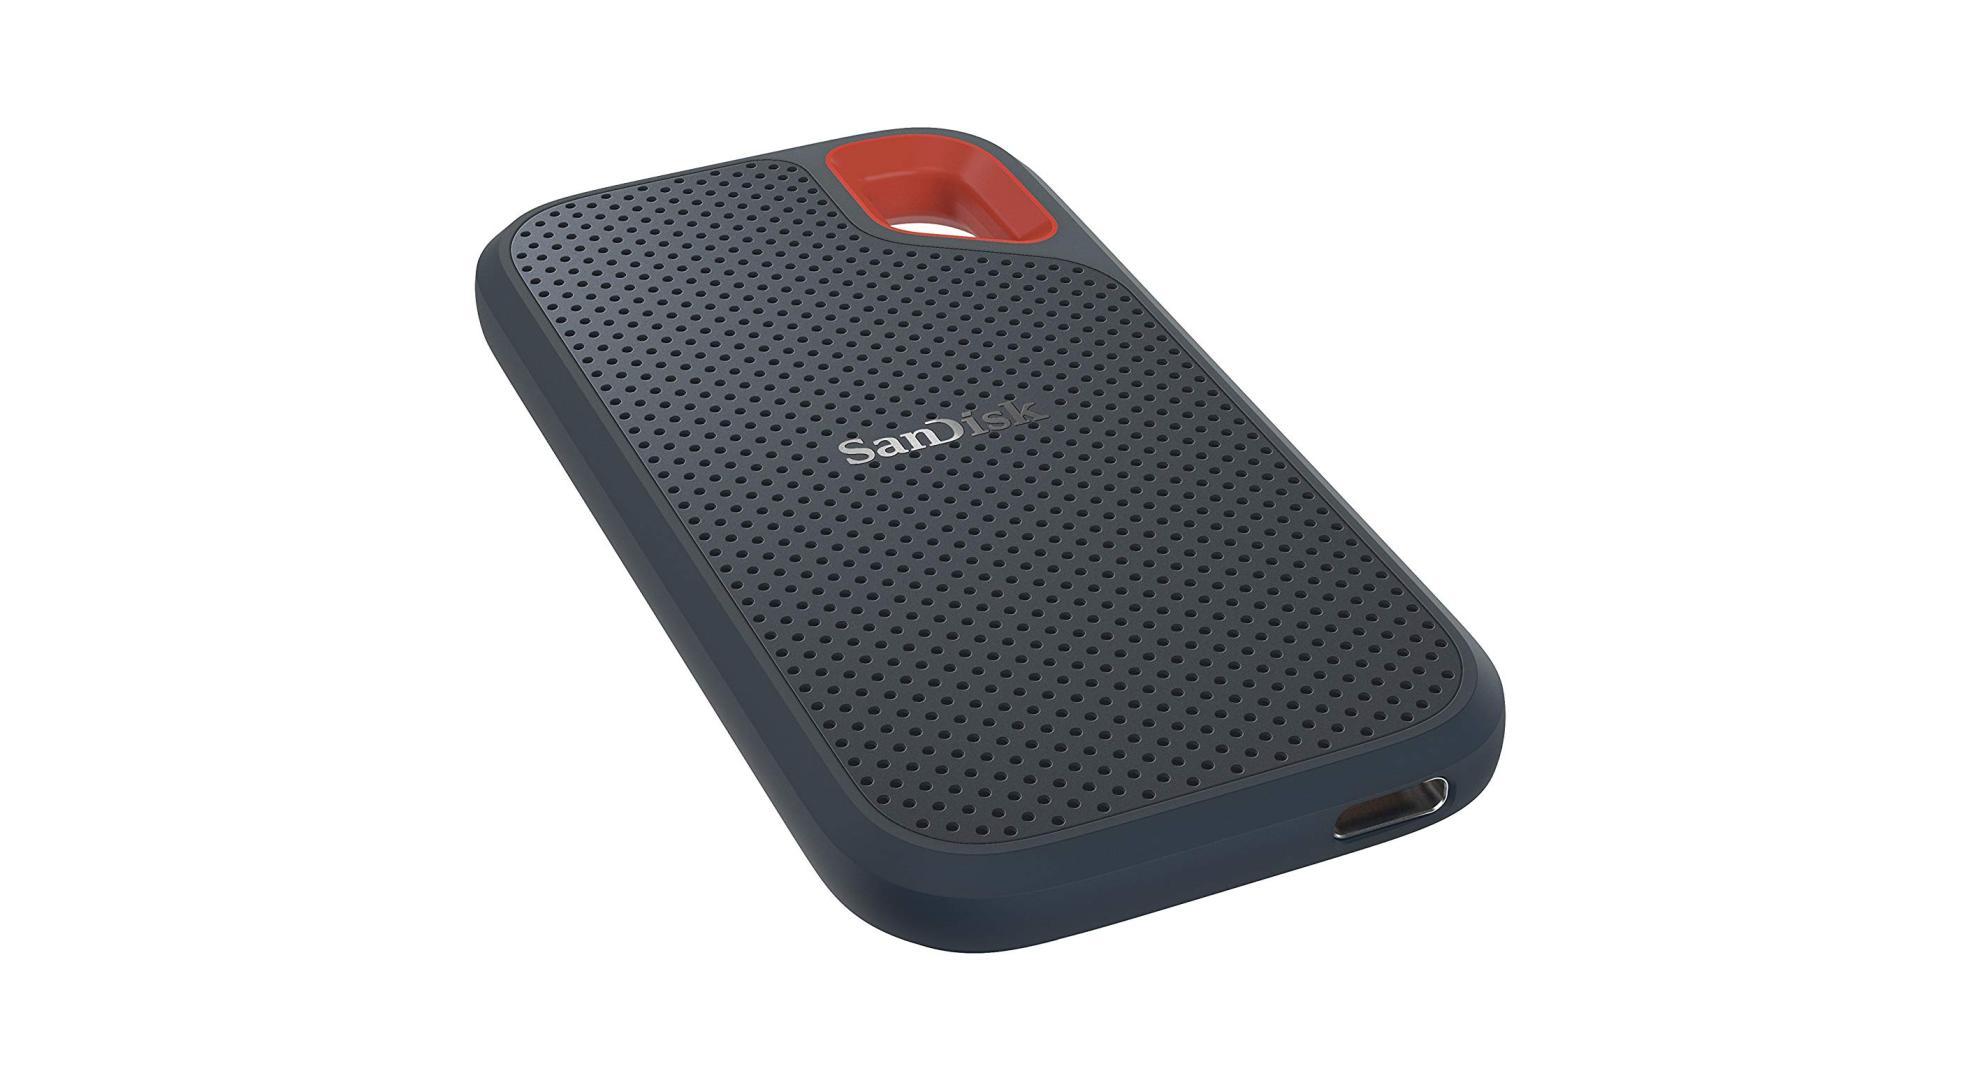 Le SSD «porte-clé» SanDisk Extreme de 500 Go revient à 79 euros seulement